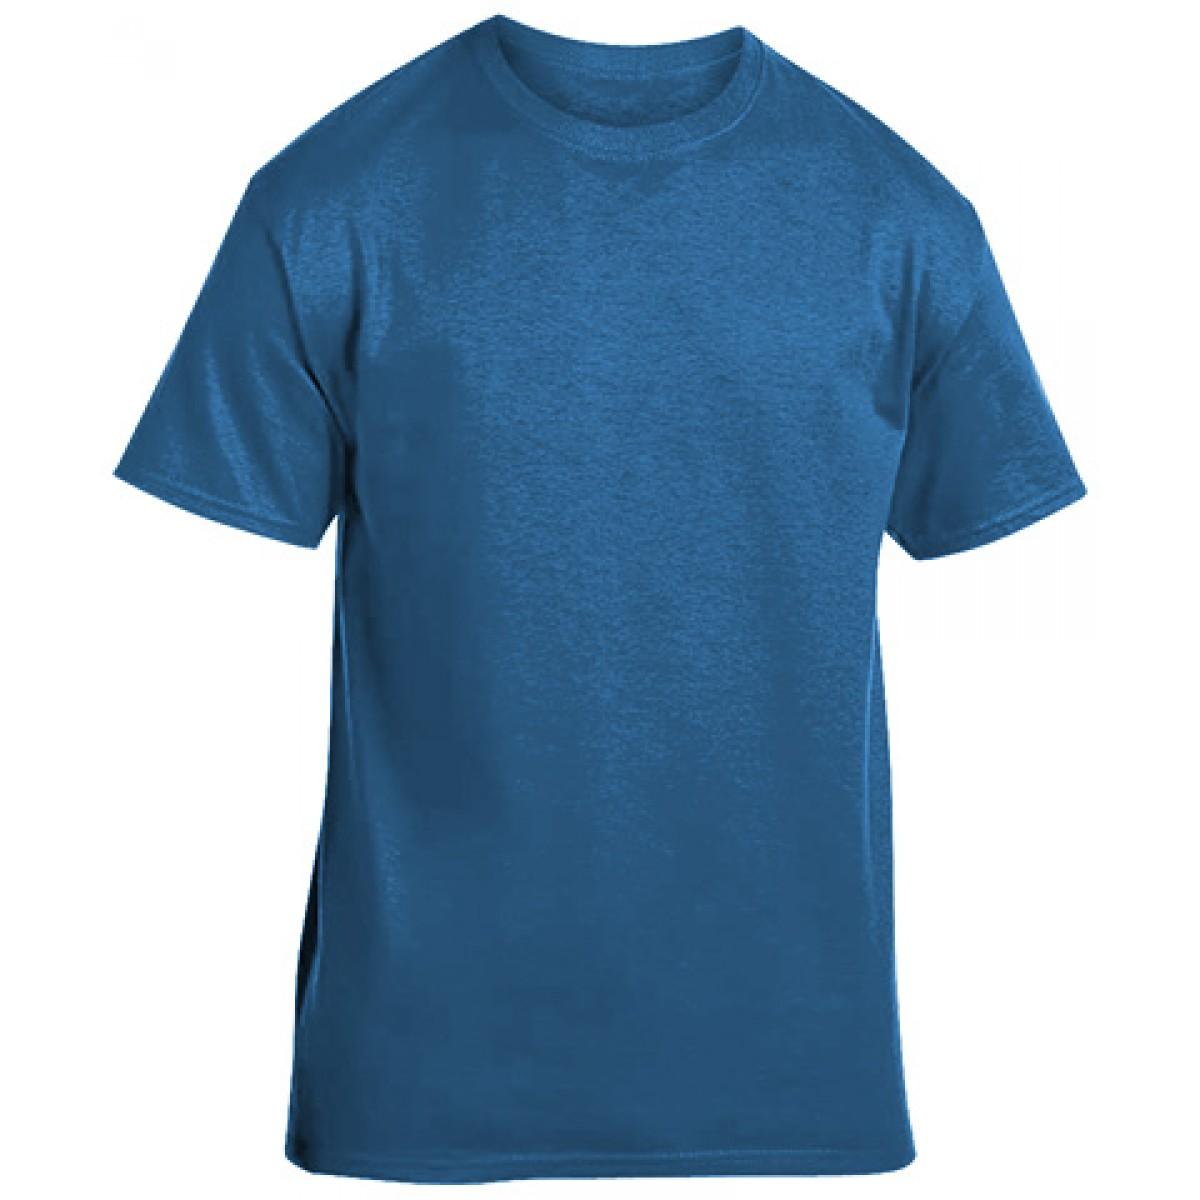 Soft 100% Cotton T-Shirt-Sapphire-XL